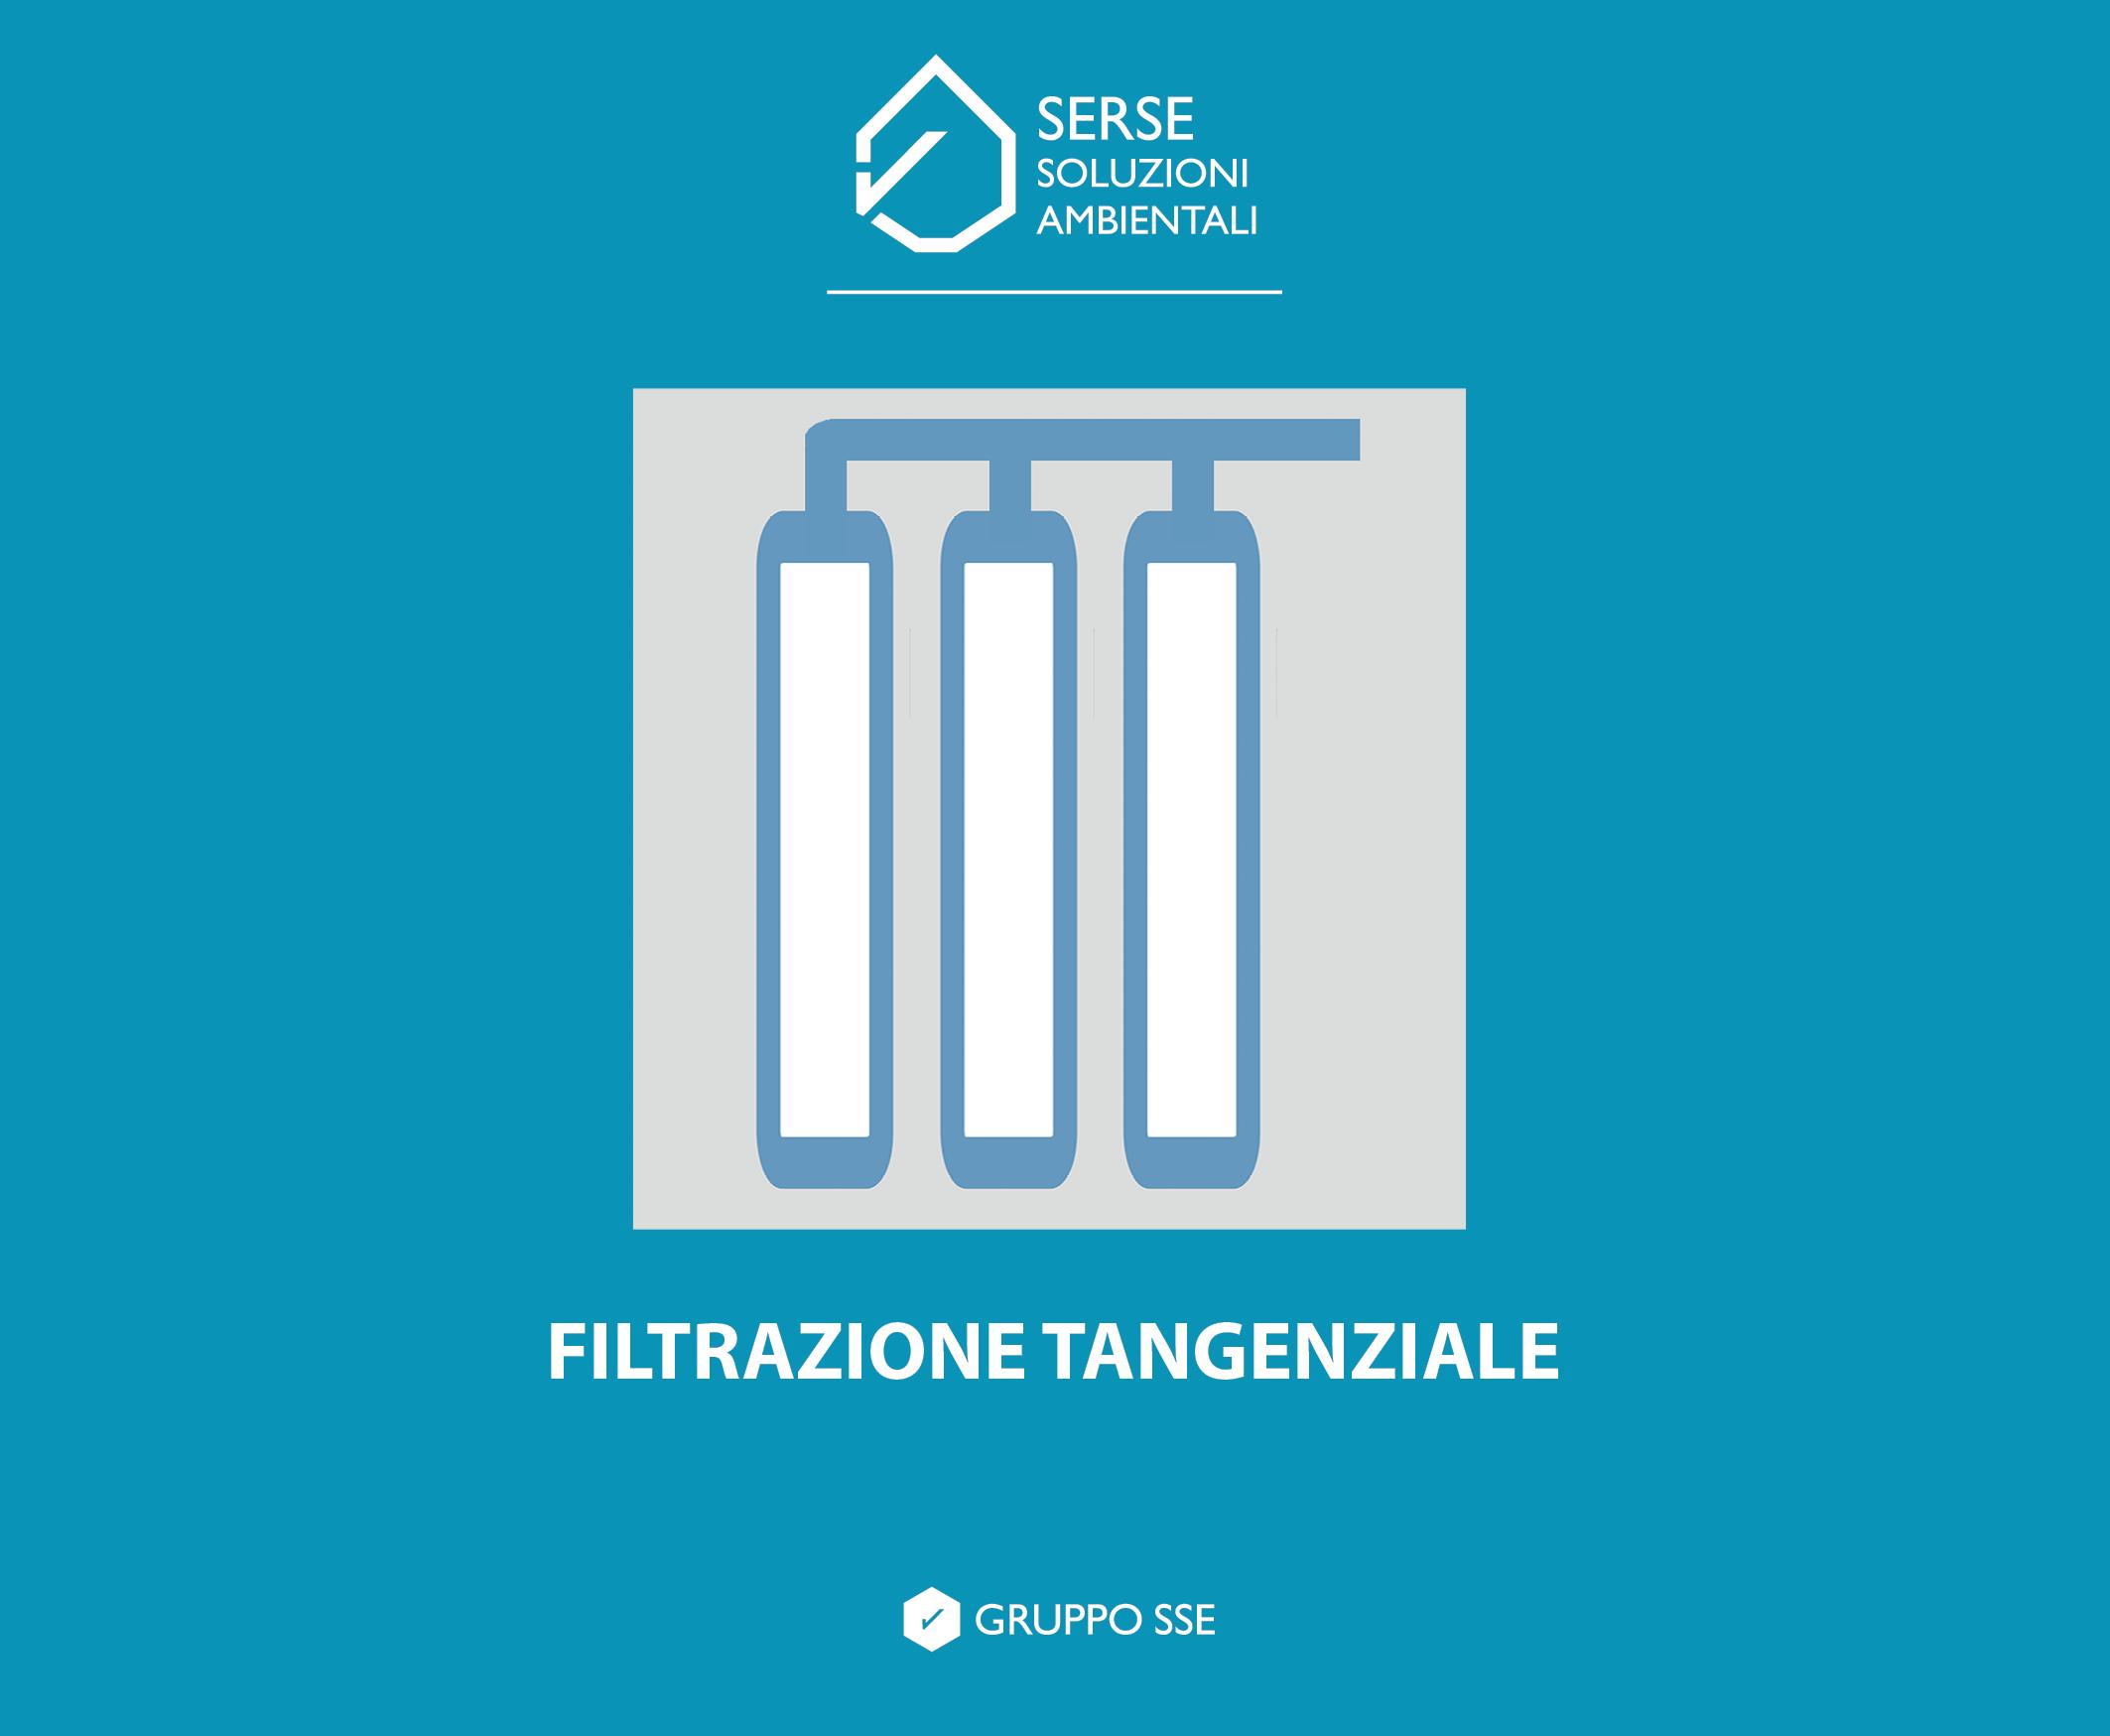 Serse Filtrazione Tangenziale